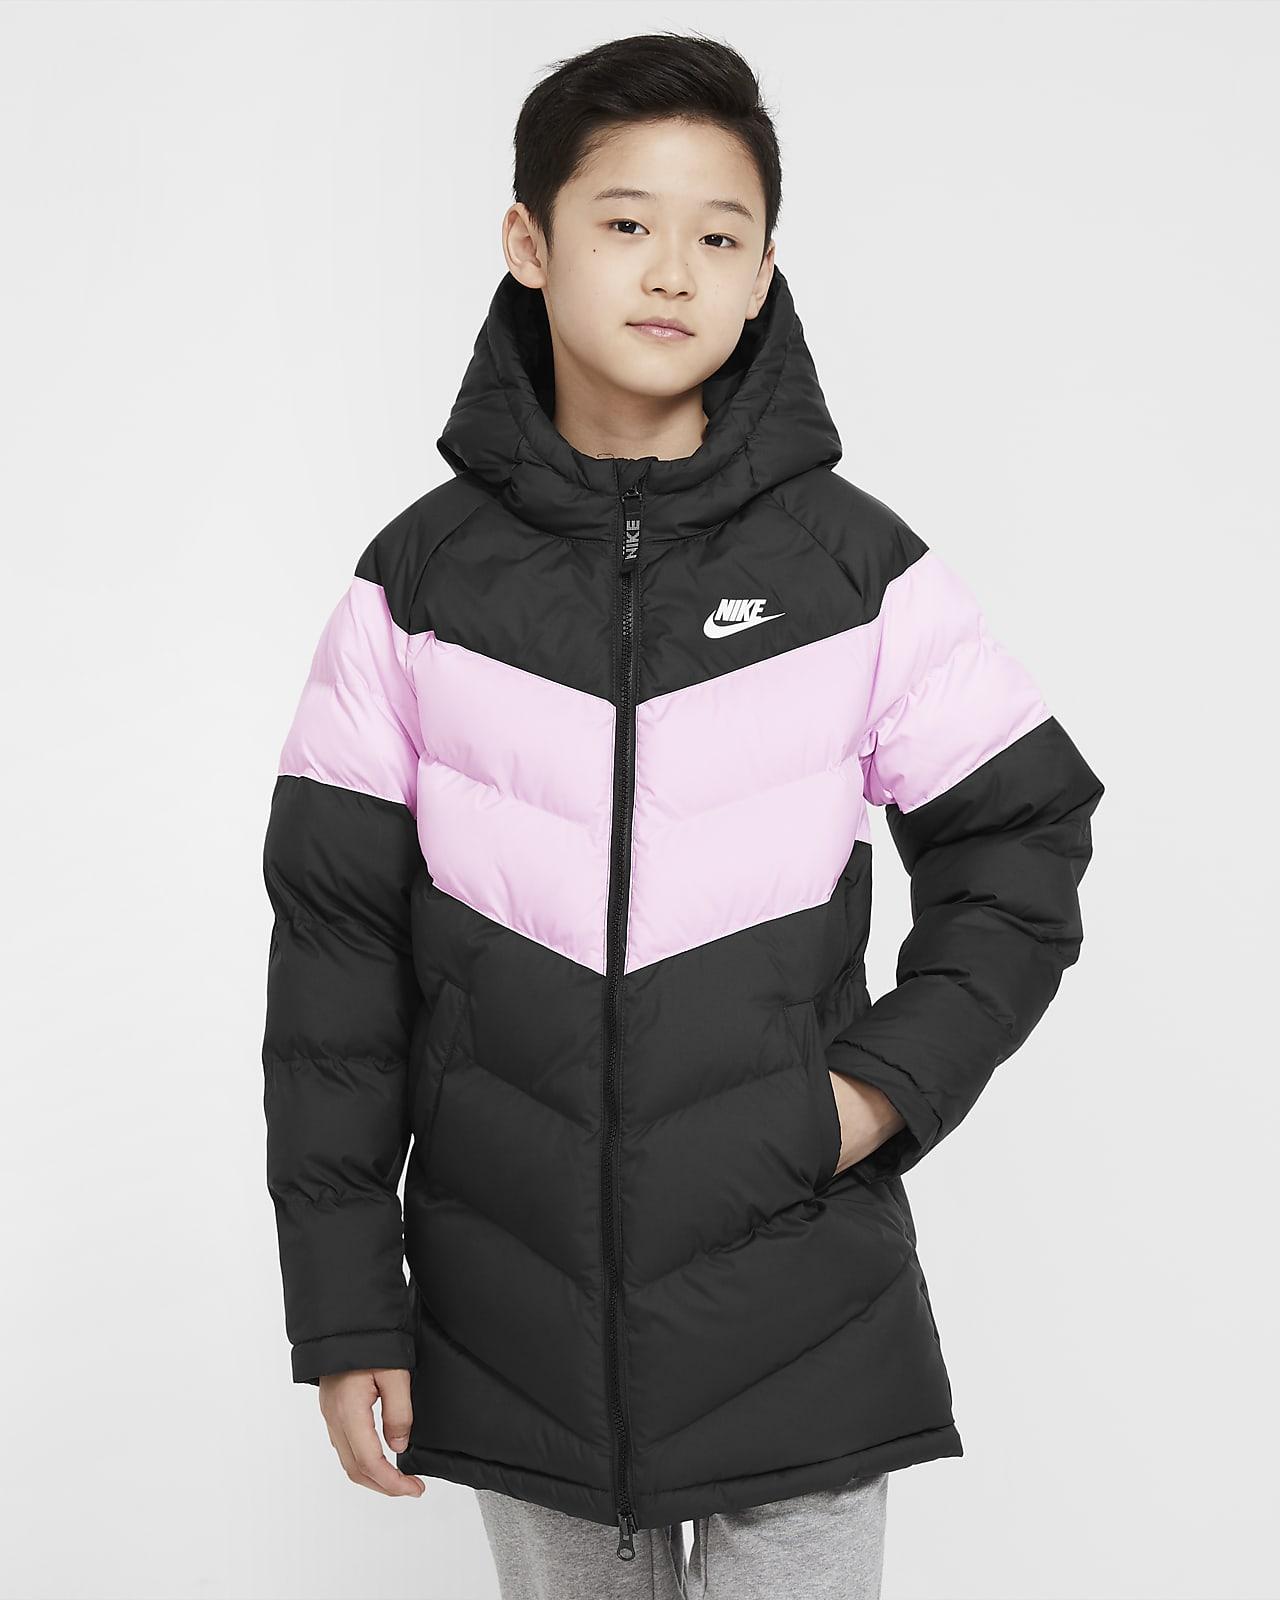 Удлиненная куртка с синтетическим наполнителем для школьников Nike Sportswear